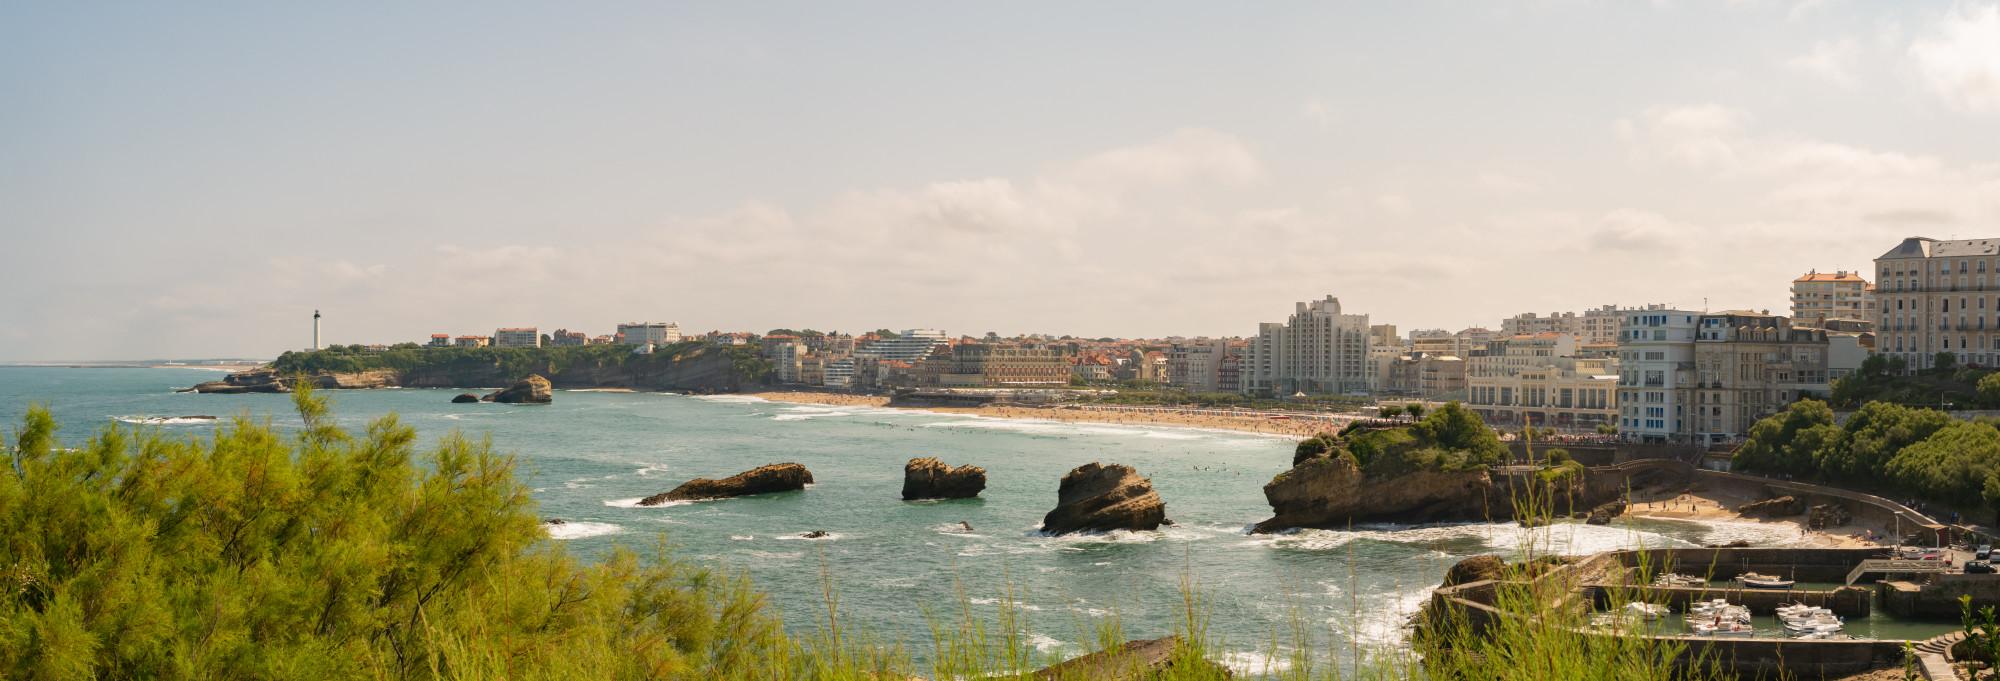 Panoramique de Biarritz, France - Pays Basque, France & Espagne